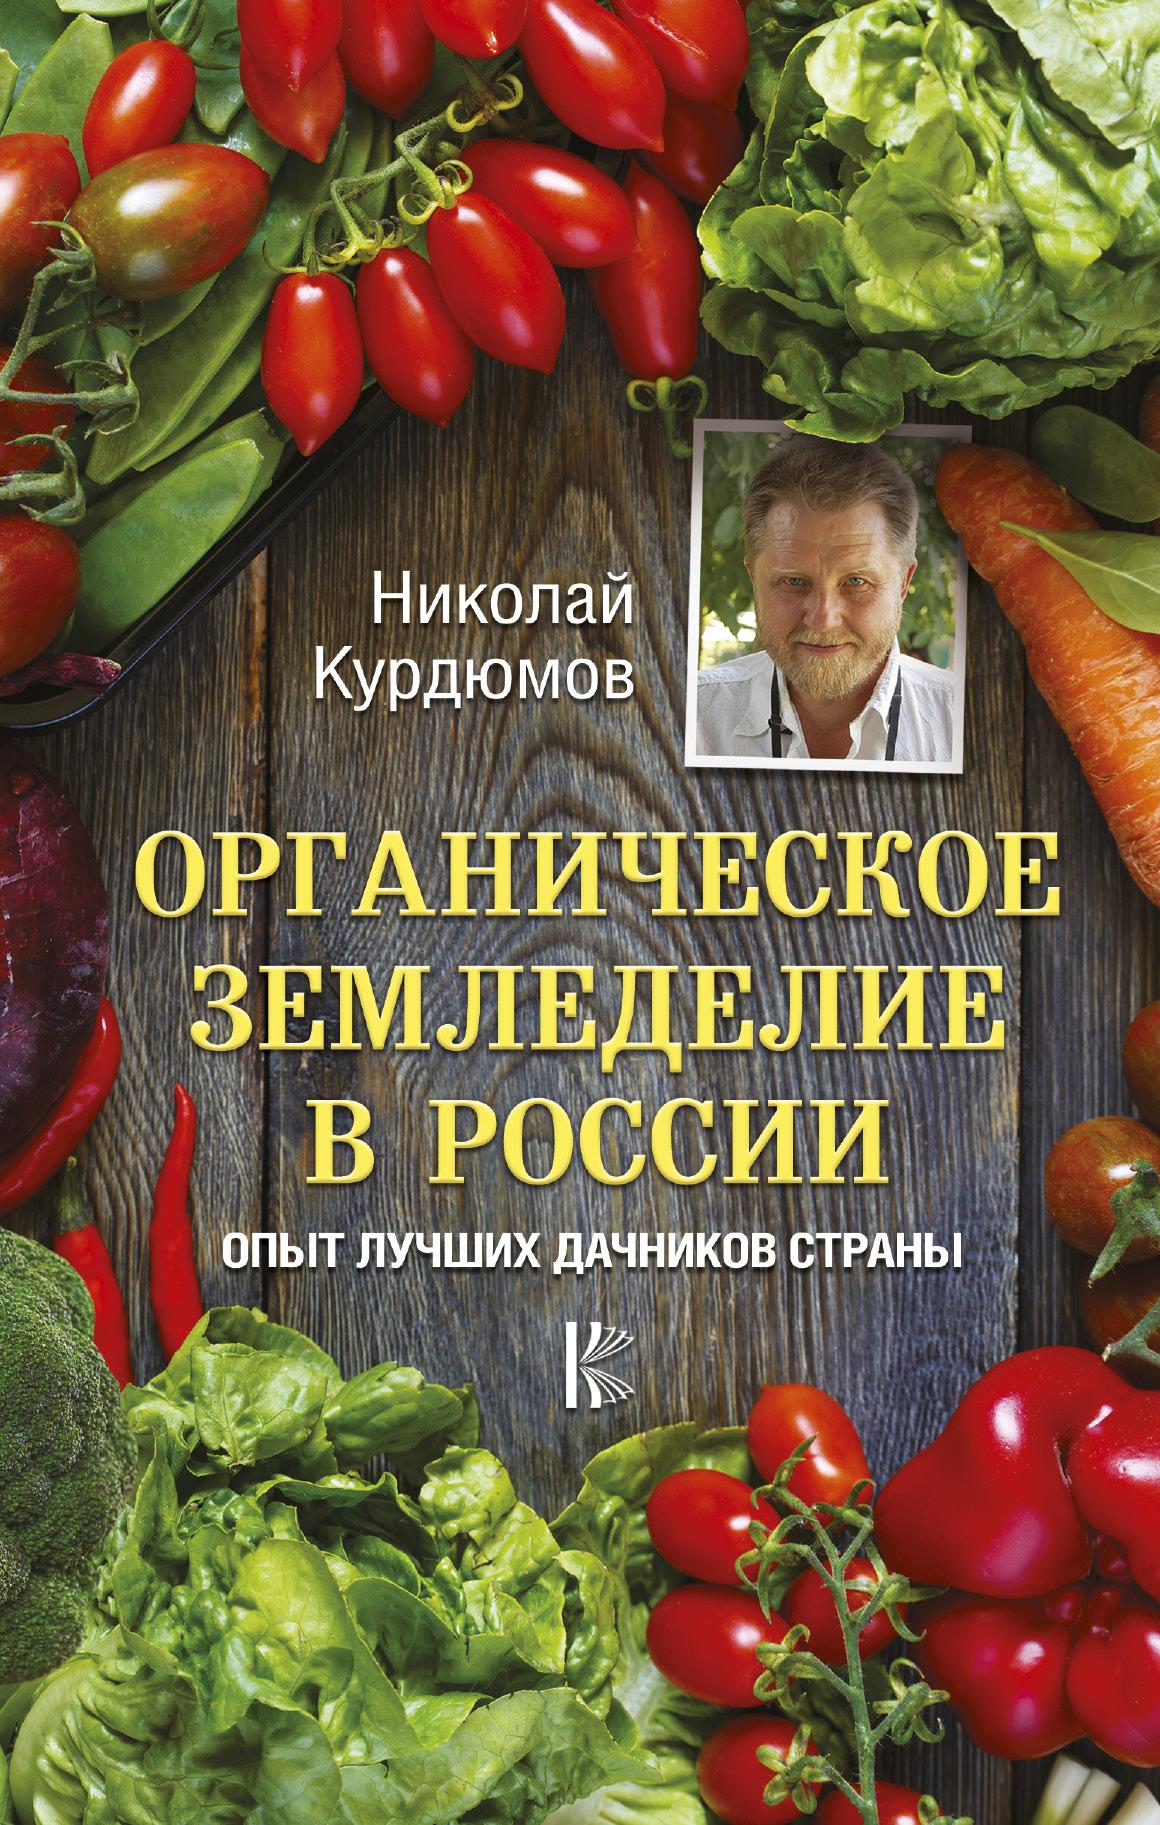 «Органическое земледелие в России»